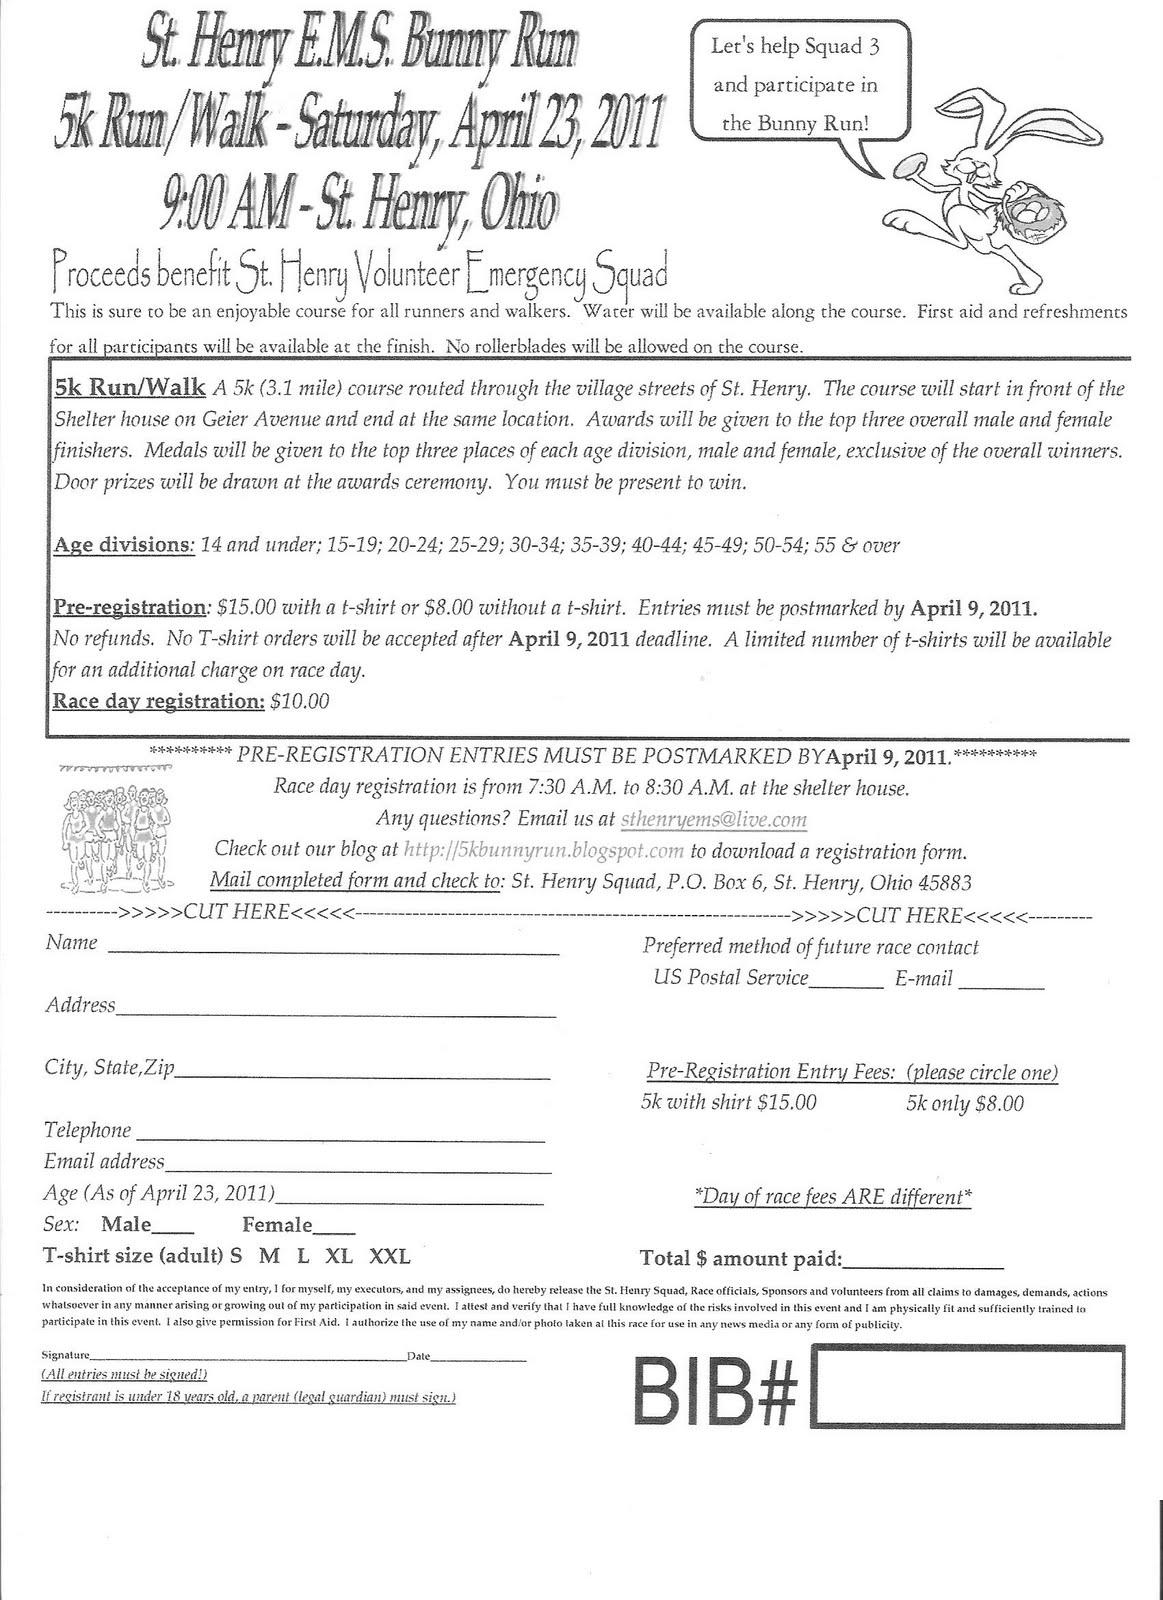 5k registration form template word